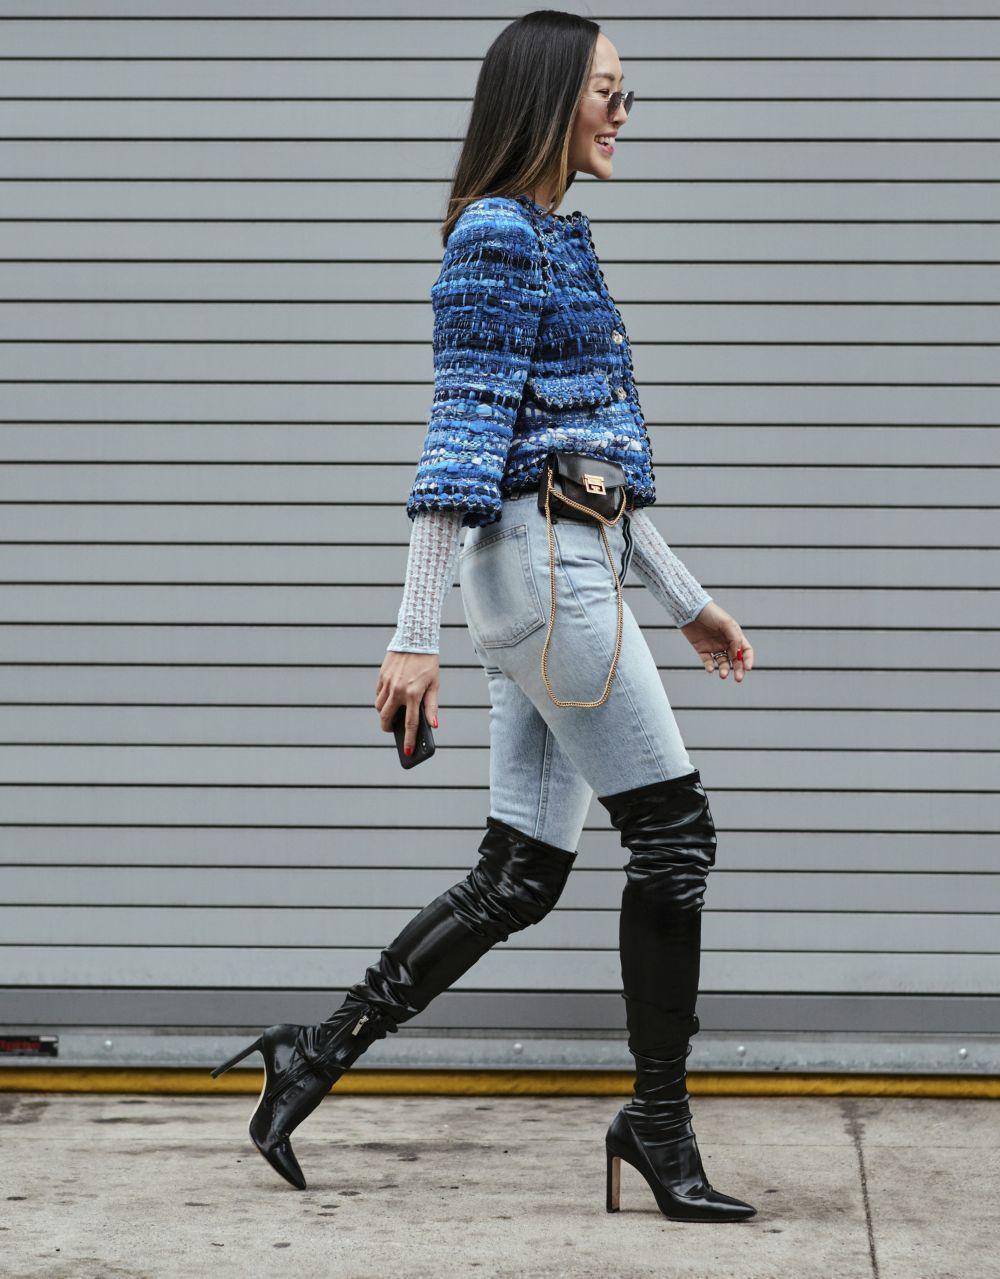 Botas altas+jeans+chaqueta de tweet, un trío que funciona.